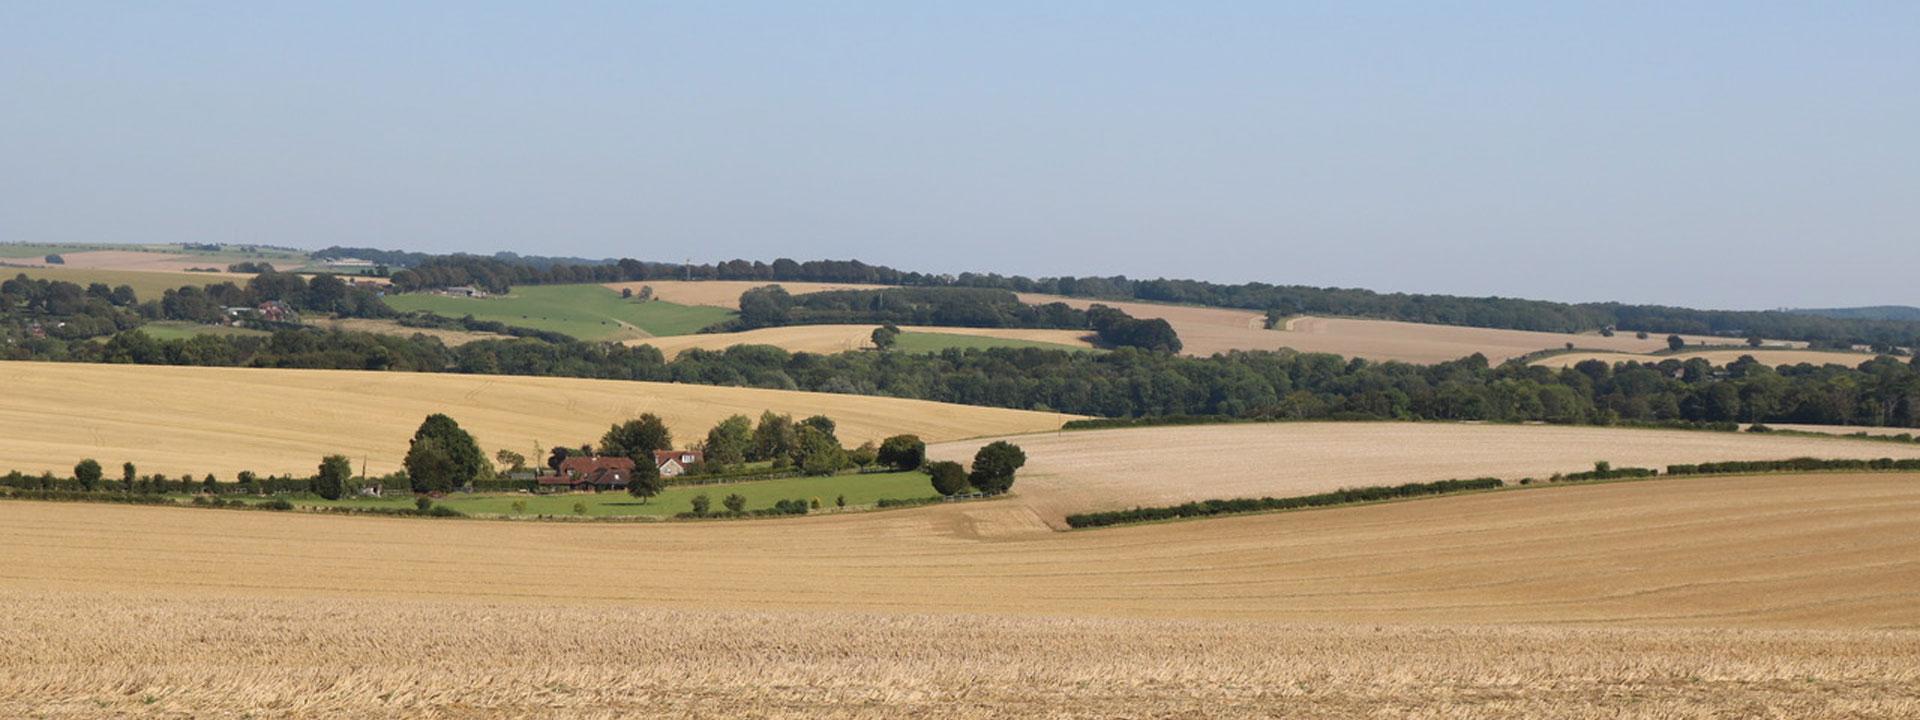 Bishops Waltham, Hampshire